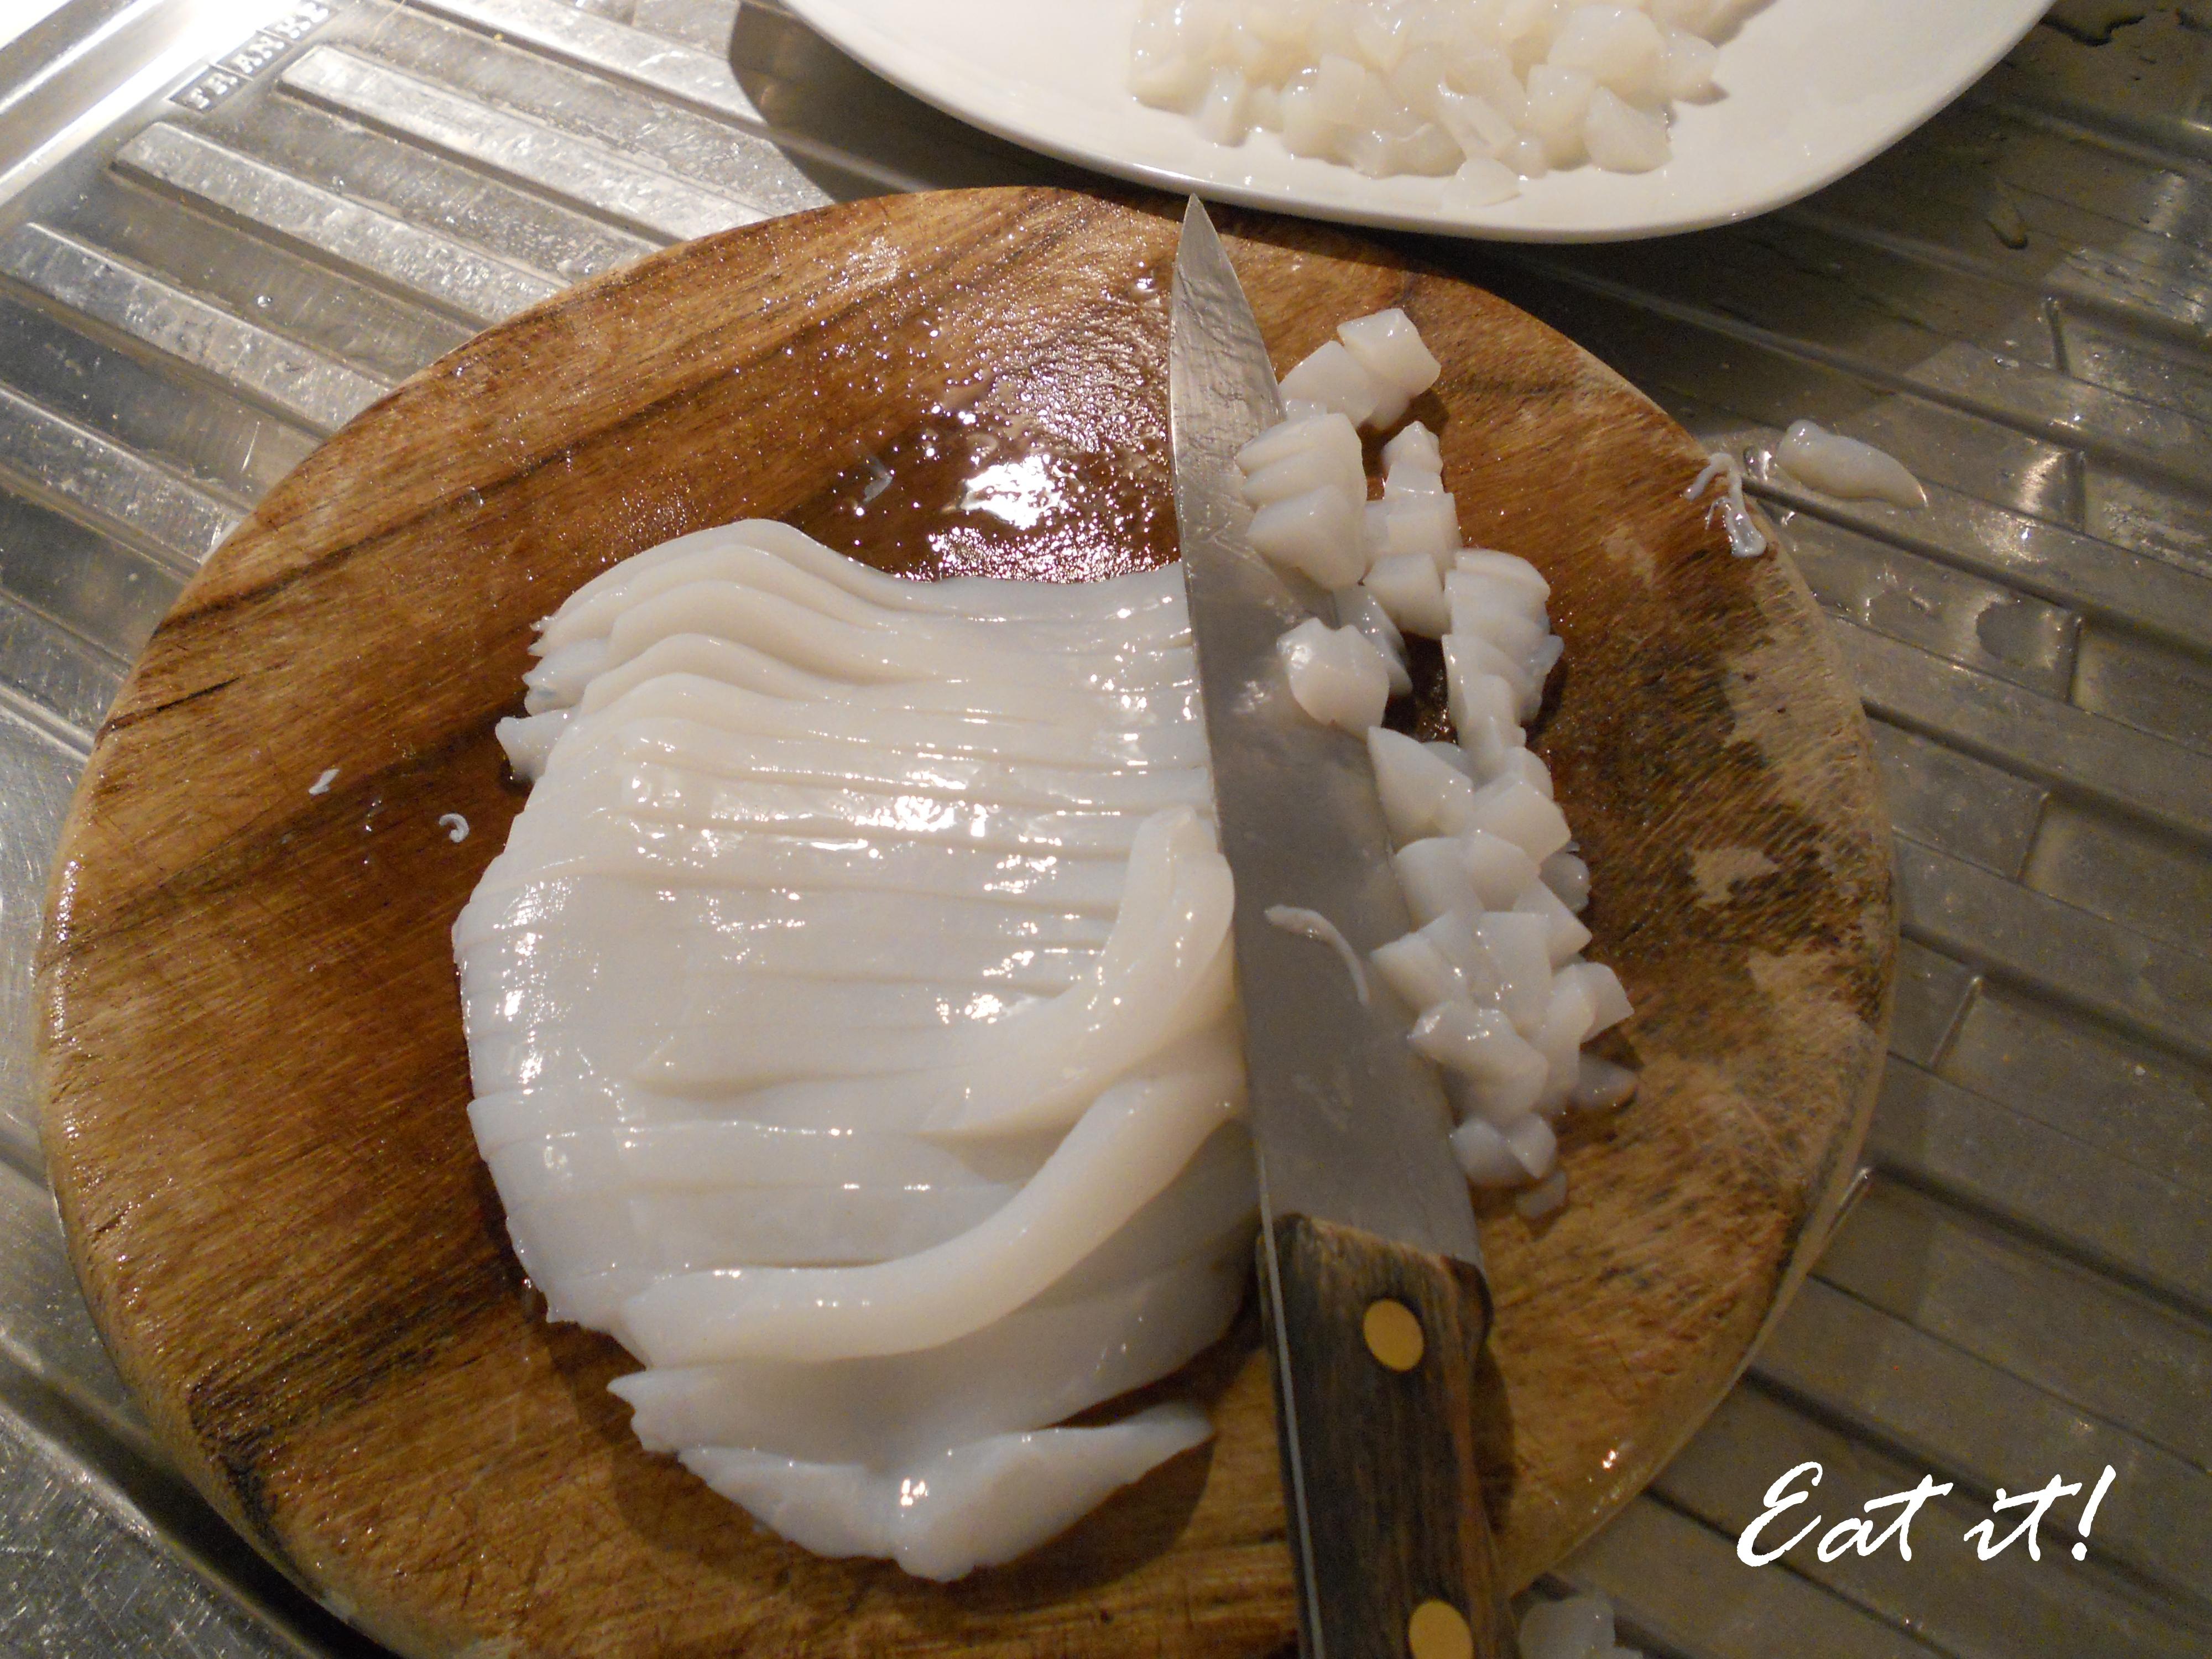 Calamari in crema di risotto - Taglio a cubetti i calamari